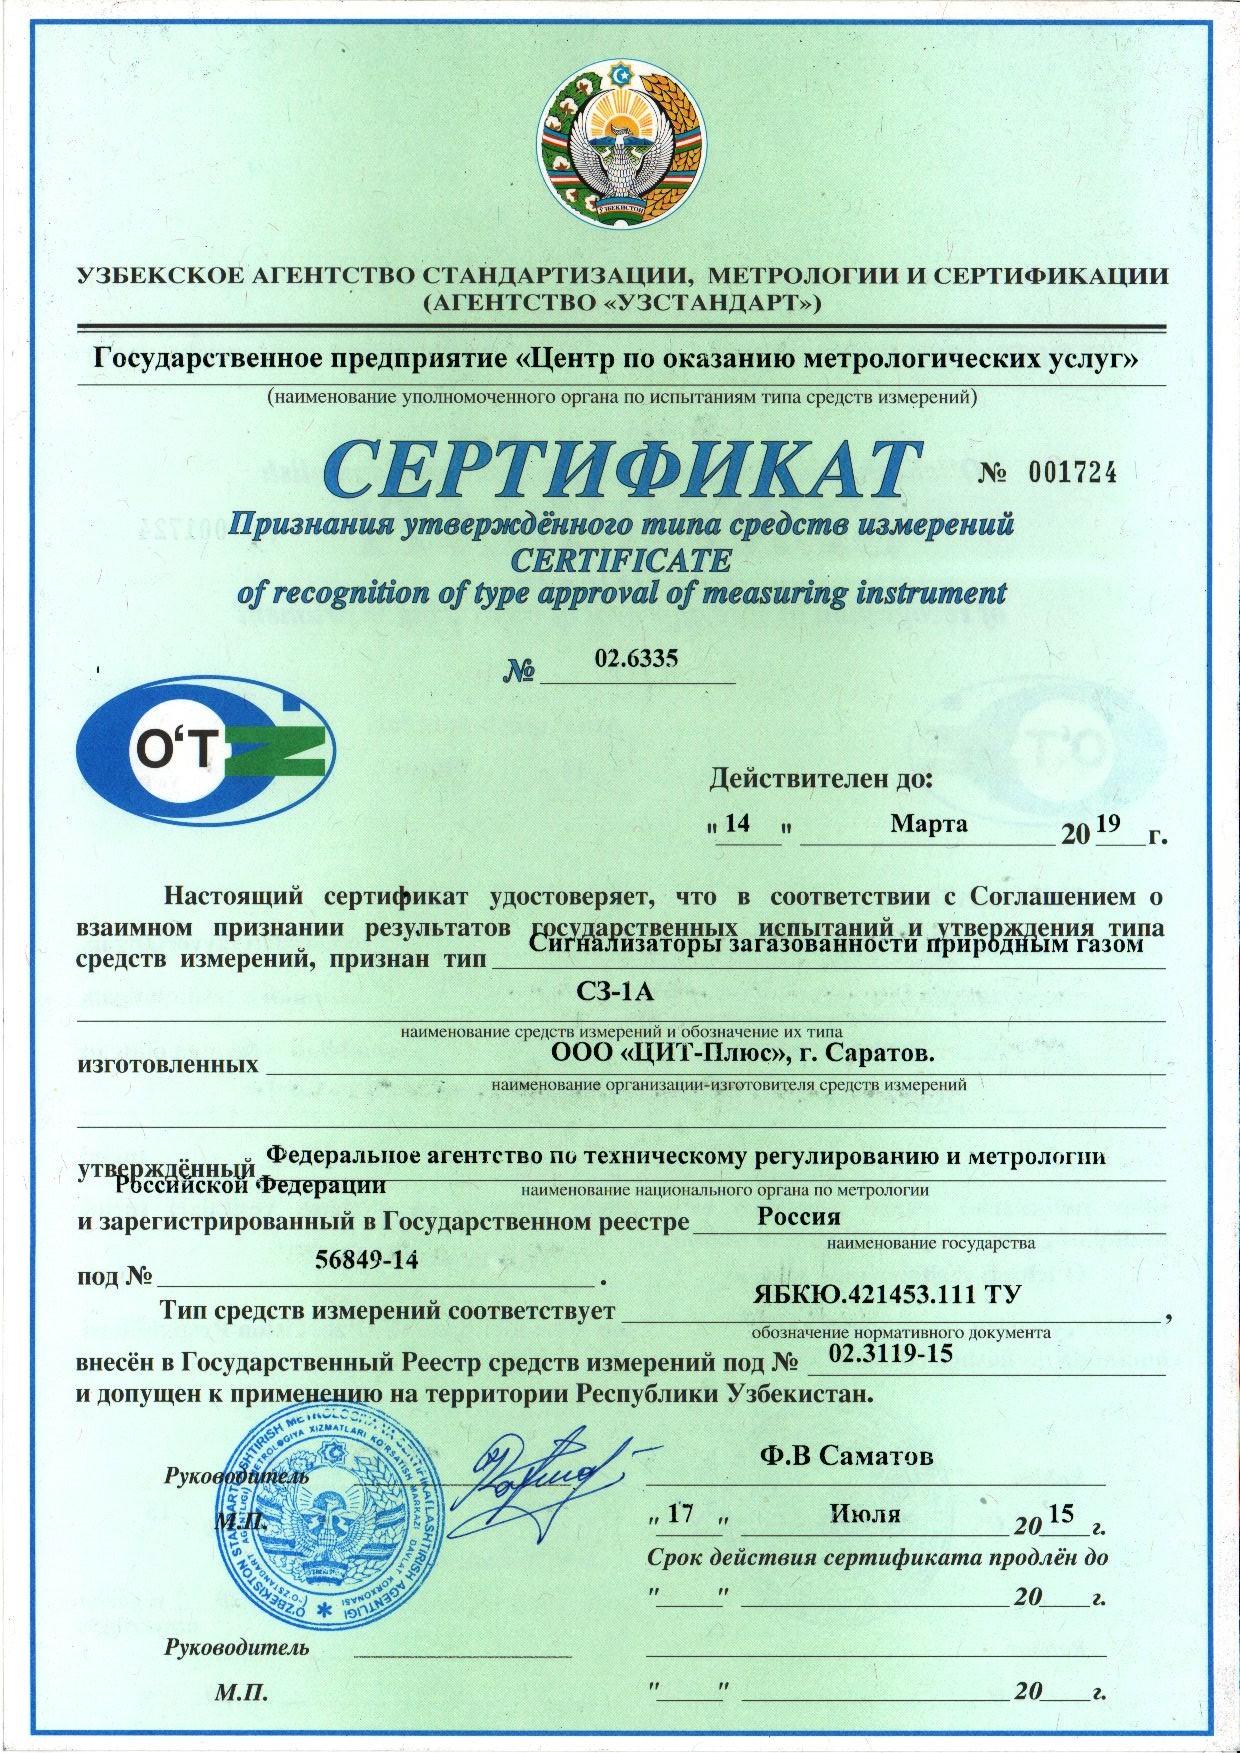 Сертификаты соответствия (Республика Узбекистан)